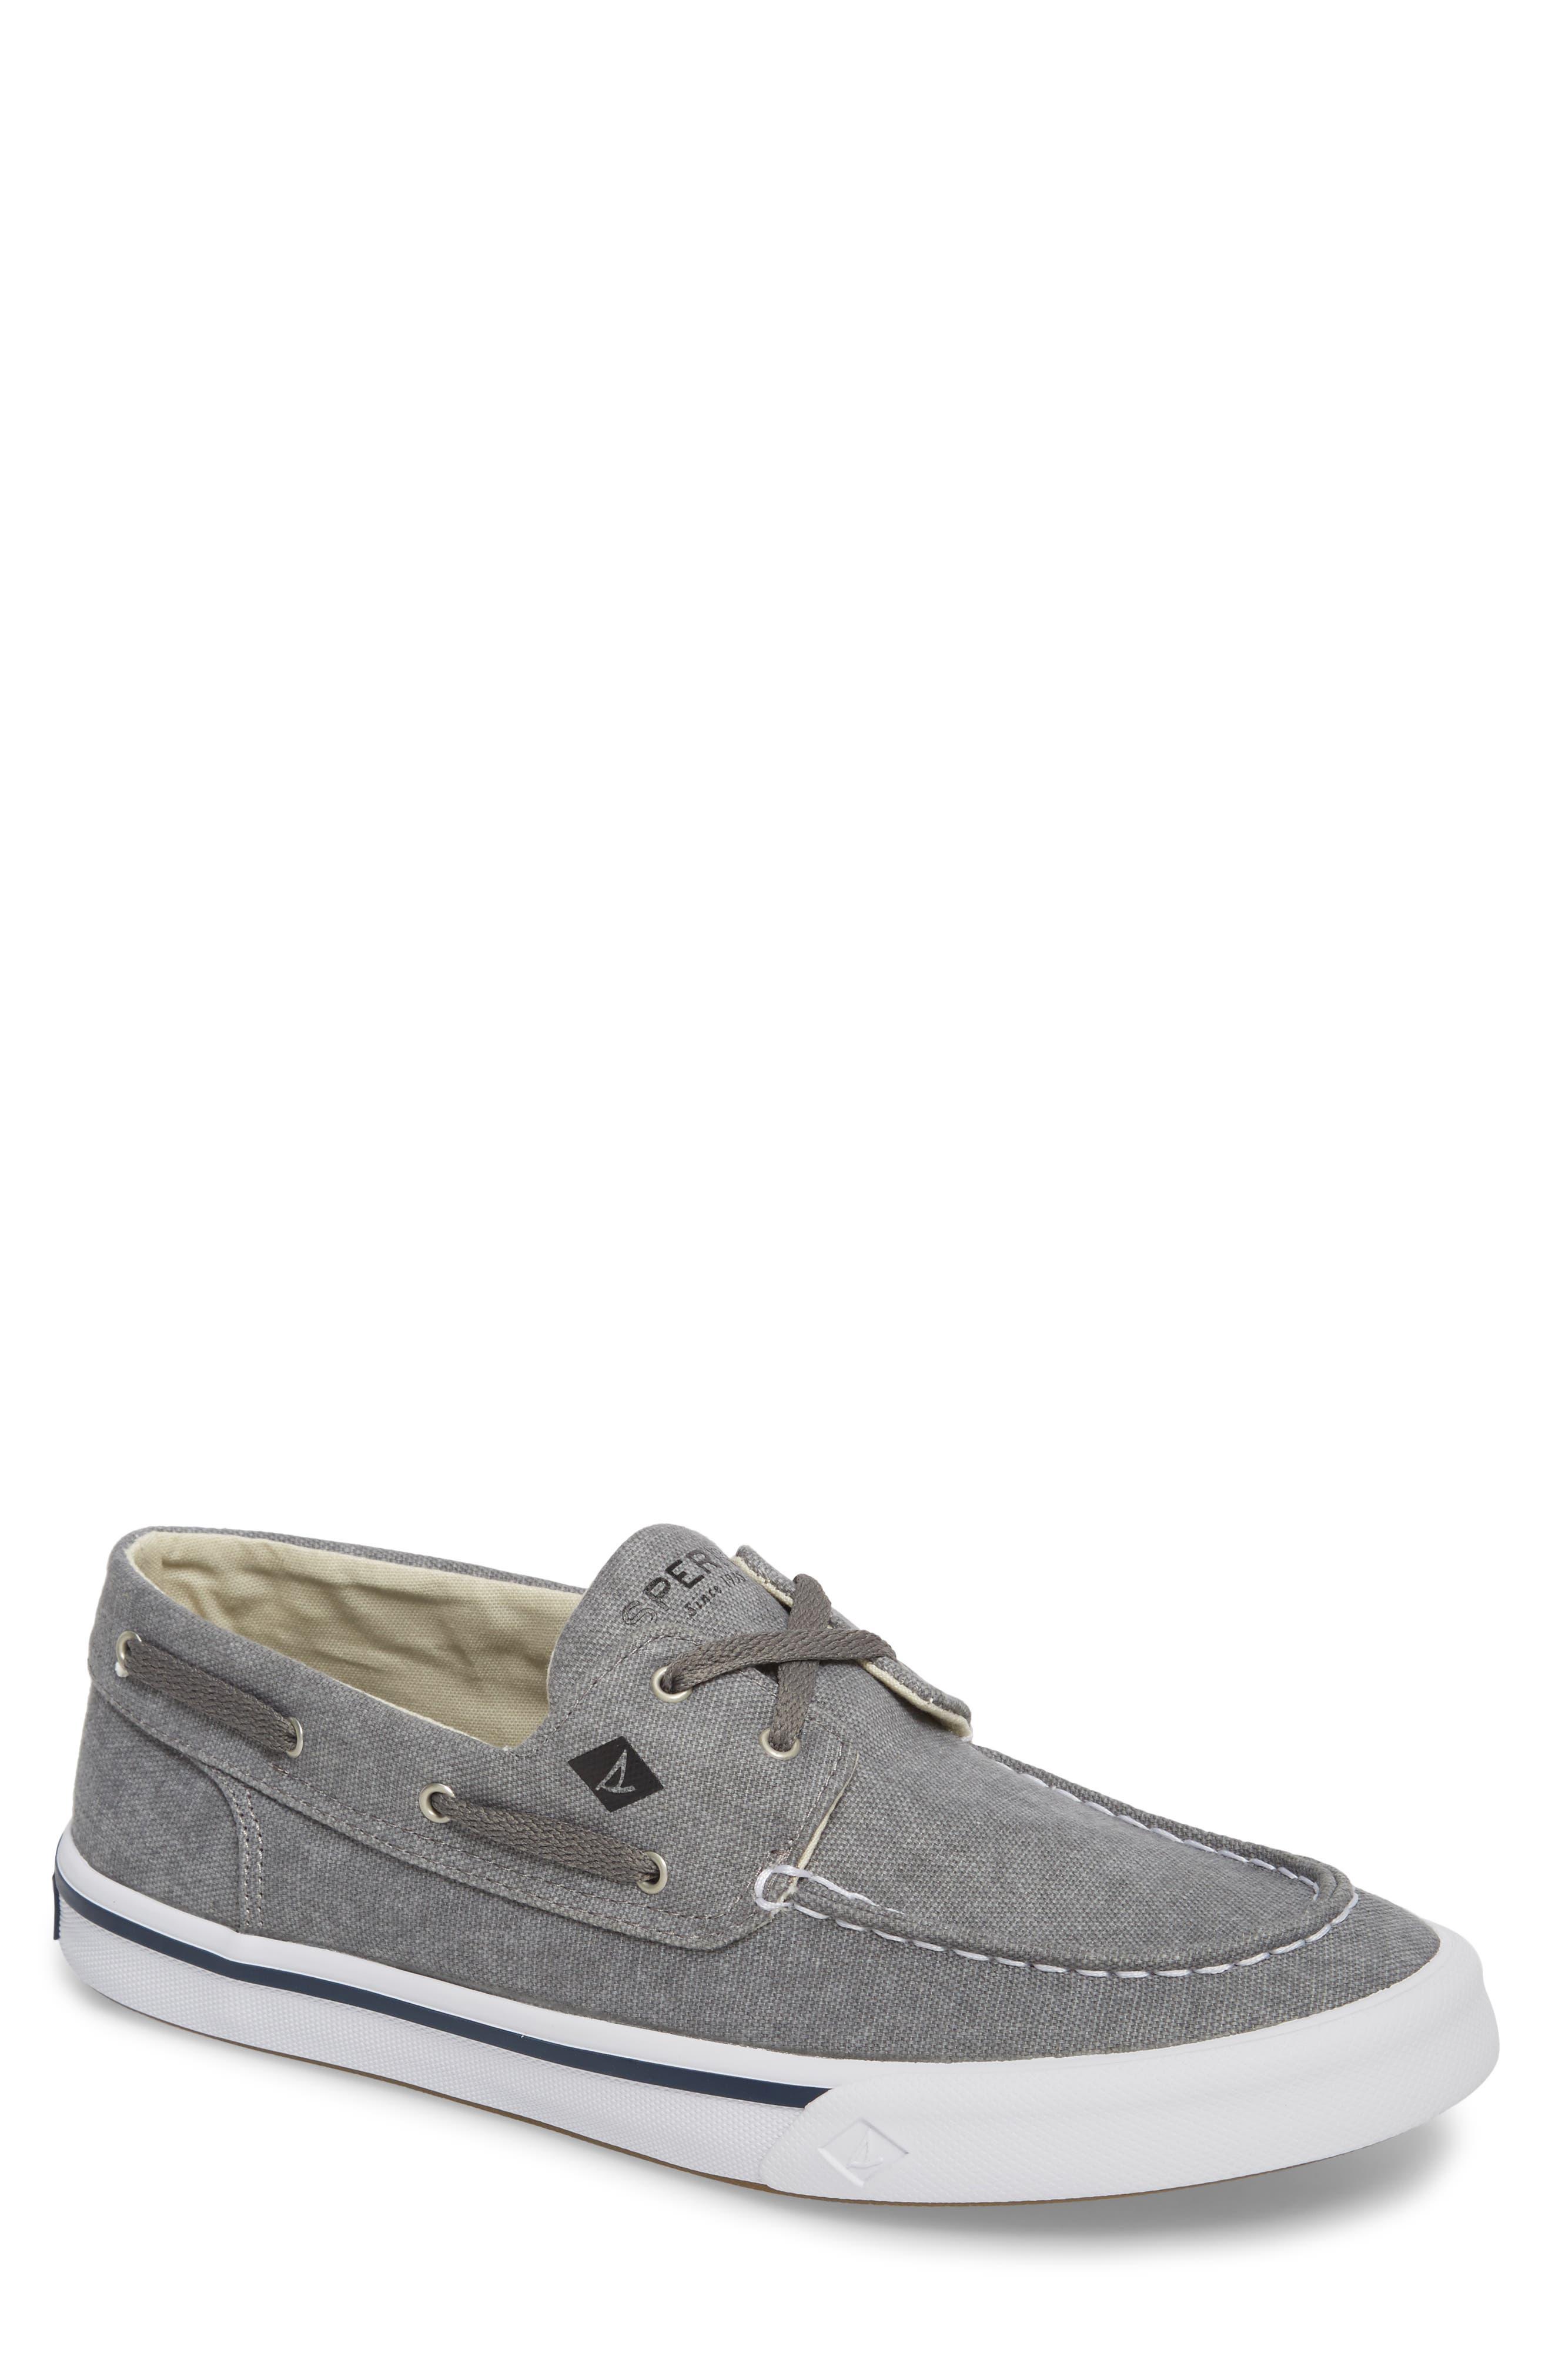 Sperry Striper 2 Boat Shoe (Men)